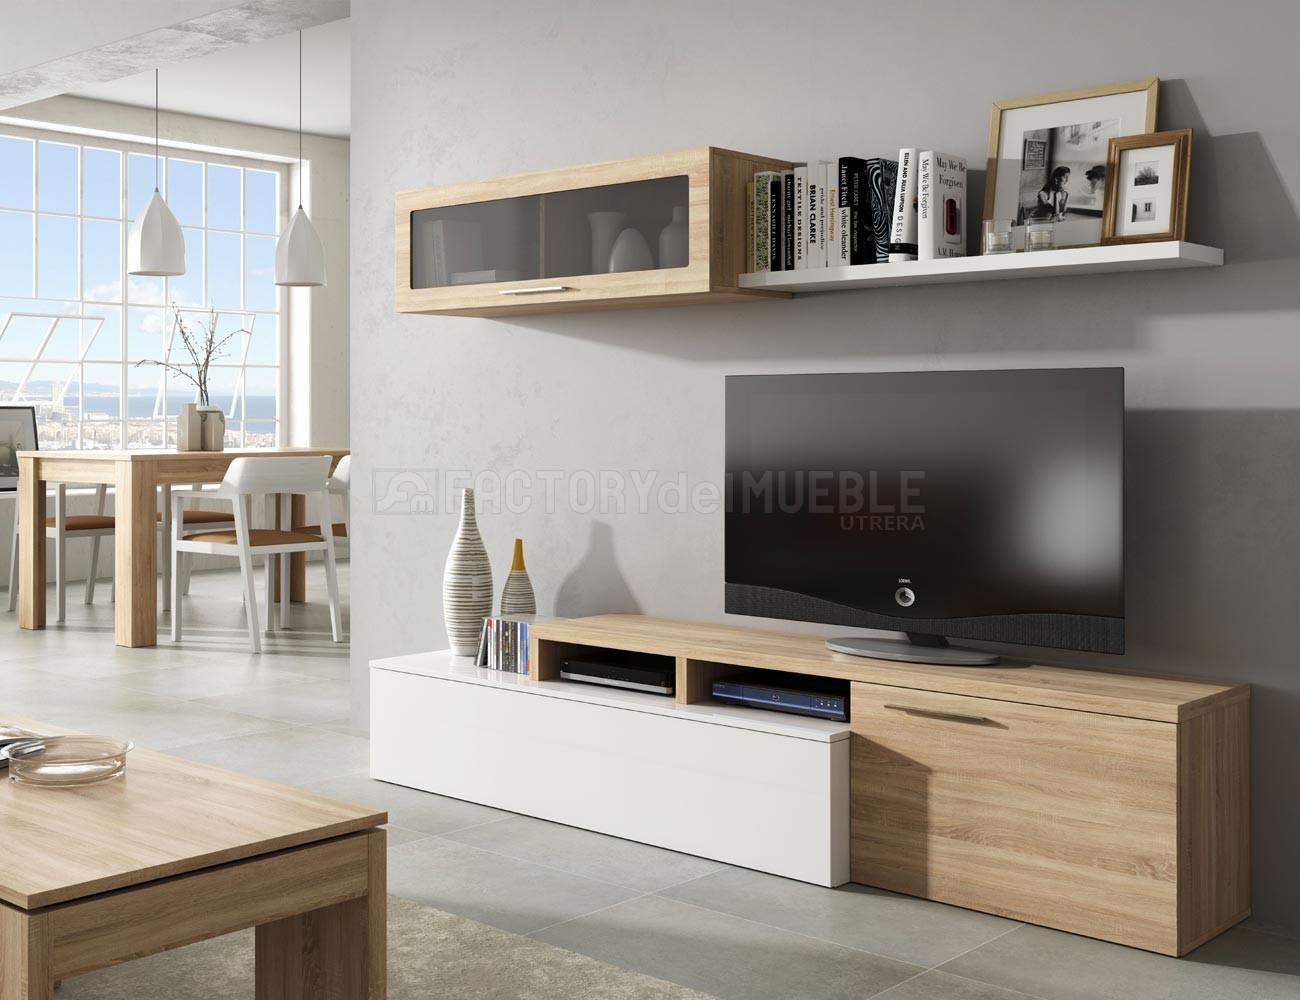 Mueble de salón comedor Nexus en blano brillo con Roble (27384 ...